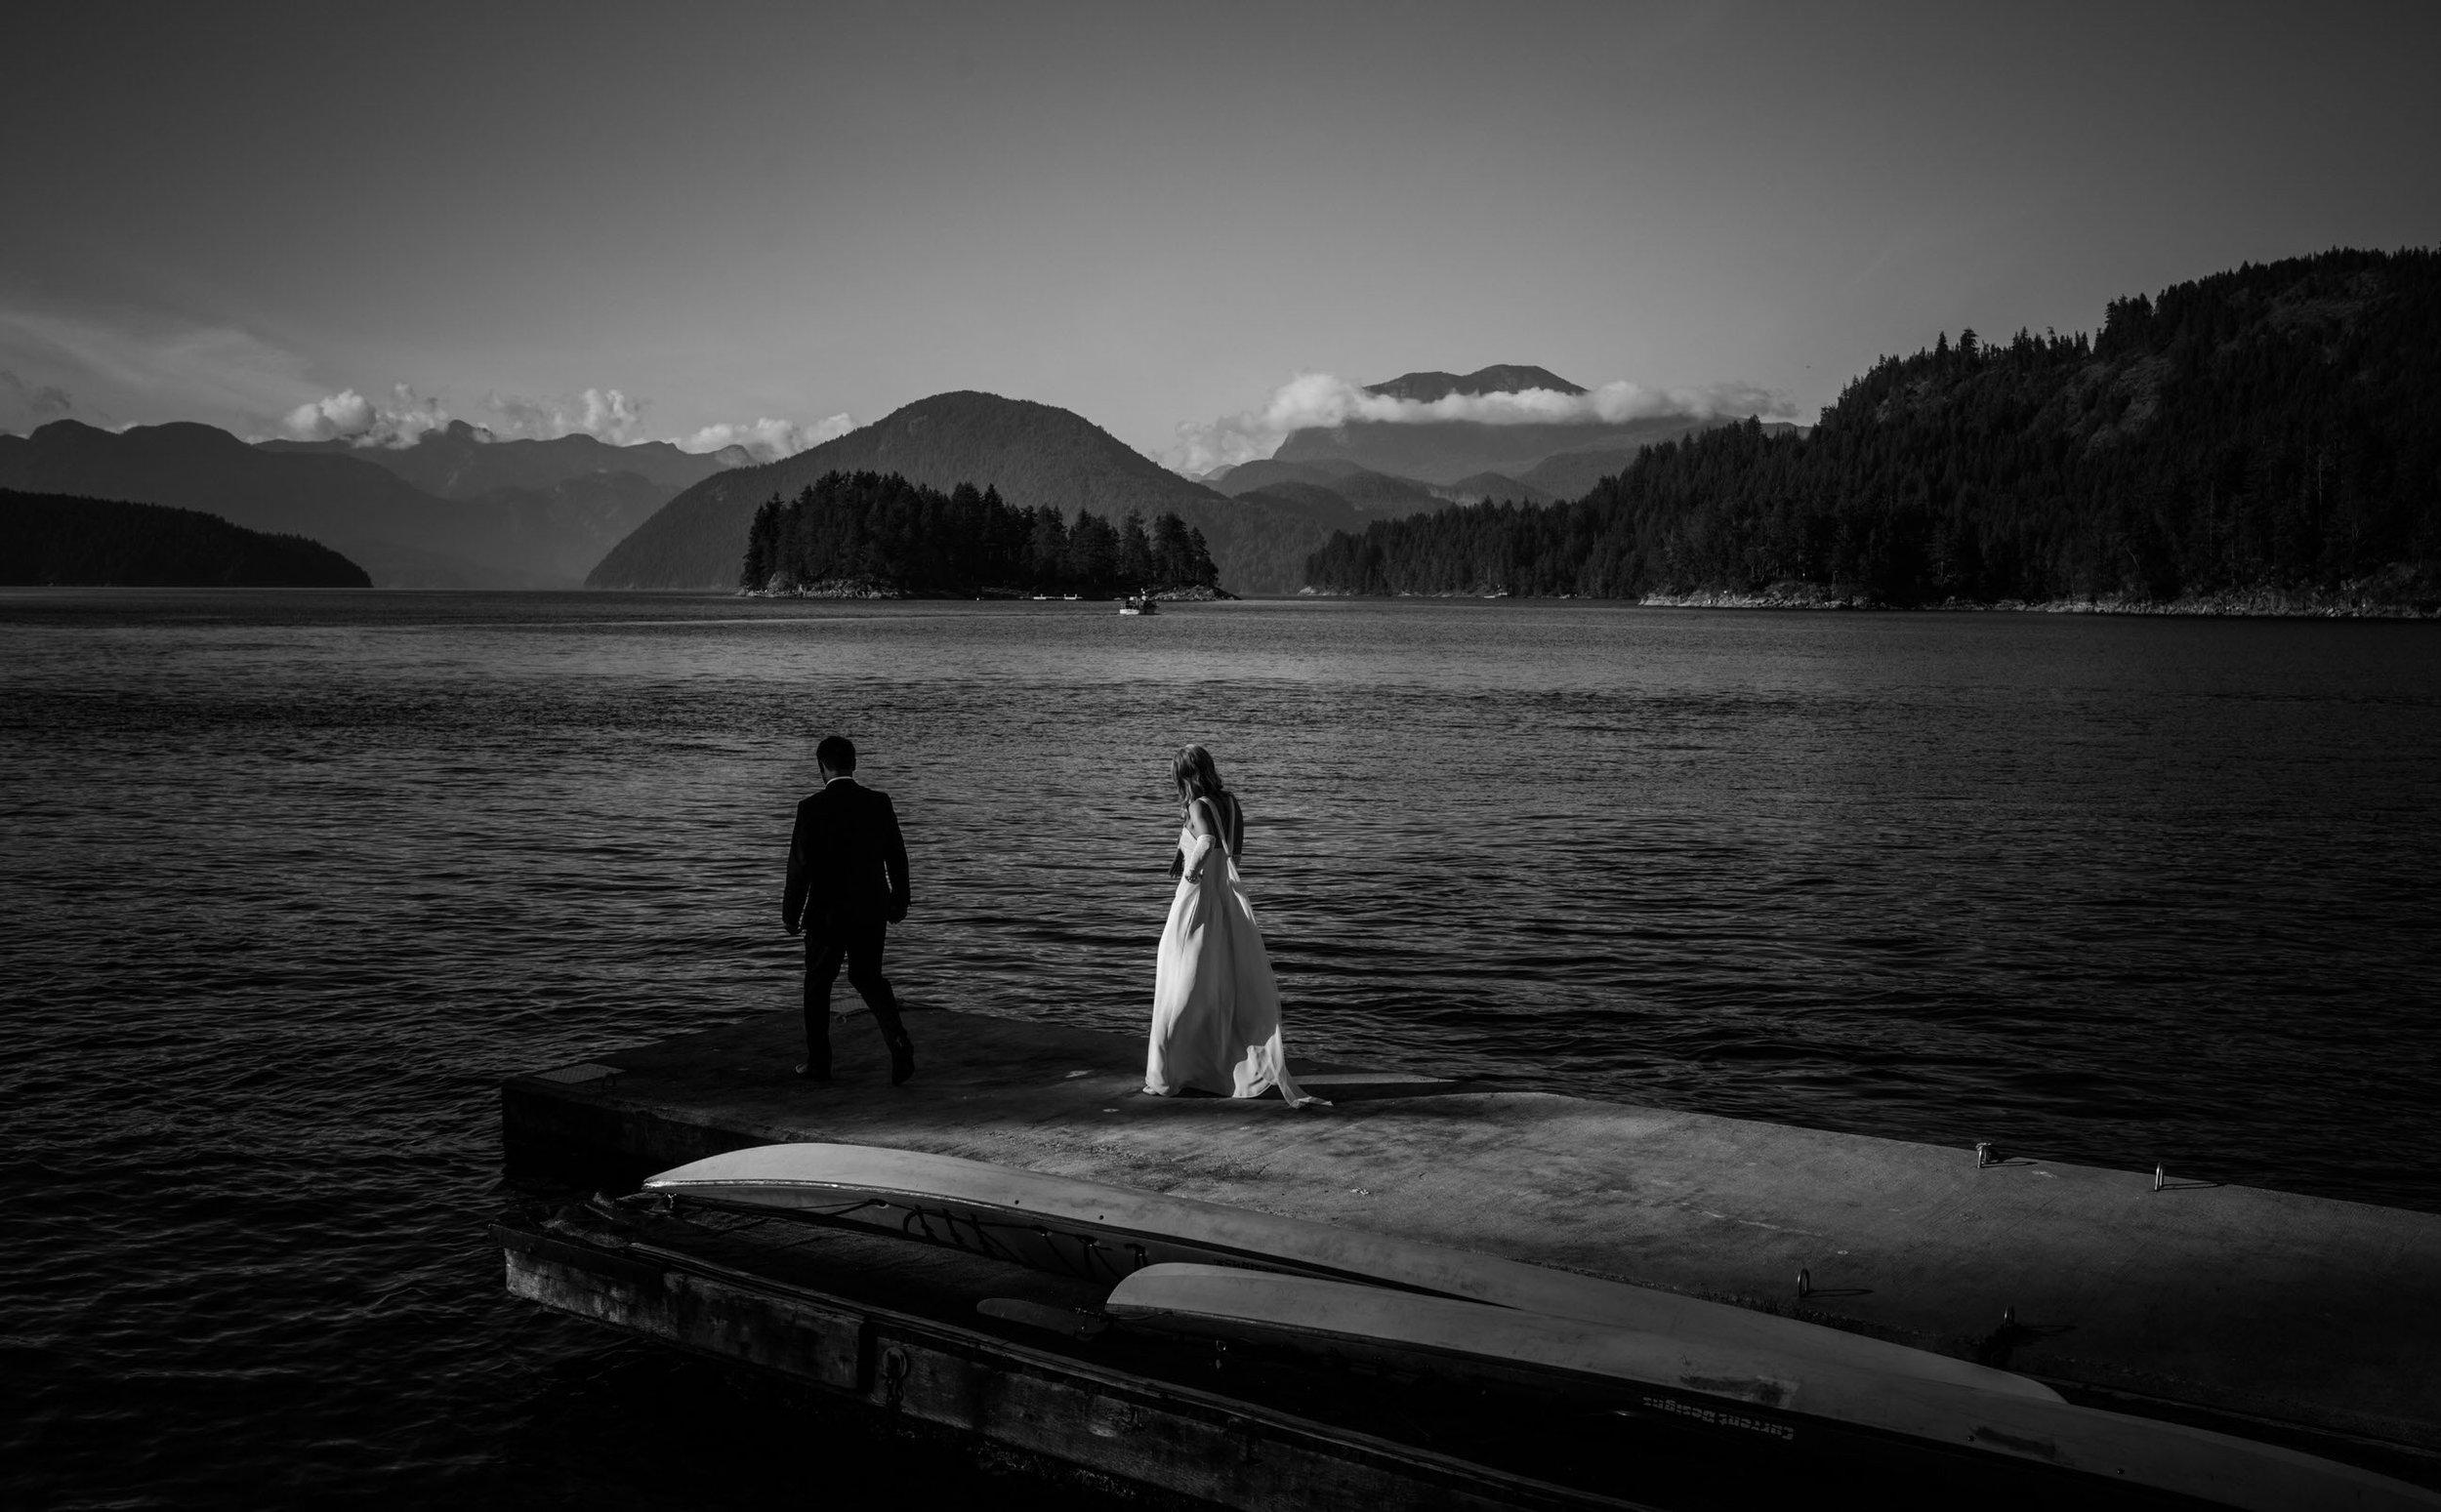 Sunshine Coast Wedding Photographer - Vancouver Wedding Photographer - West Coast Wilderness Lodge Wedding - Jennifer Picard Photography - IMG_7999.jpg